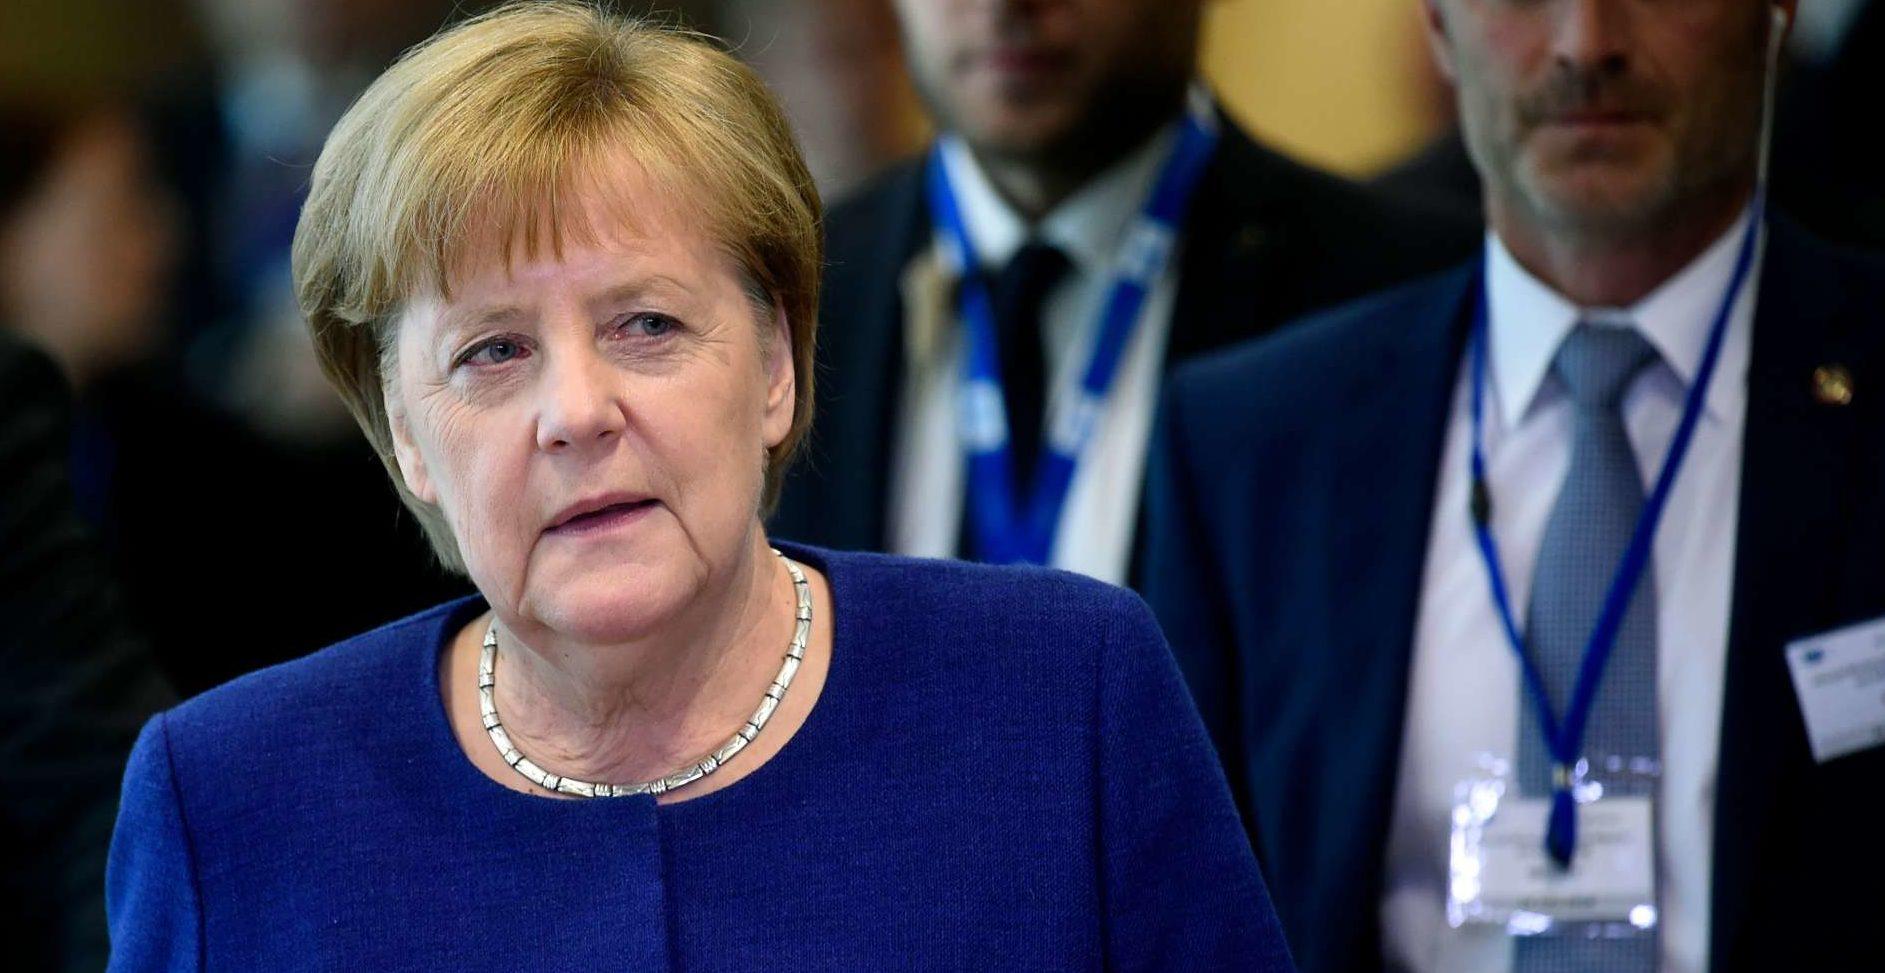 """""""Die Schlepper und die Flüchtlinge dürfen sich nicht aussuchen, in welchen EU-Ländern sie Asylanträge bearbeiten lassen. Wir müssen bestimmen, wer welche Aufgaben hat"""", sagte gestern Deutschlands Kanzlerin Angela Merkel nach dem Gipfel in Brüssel."""